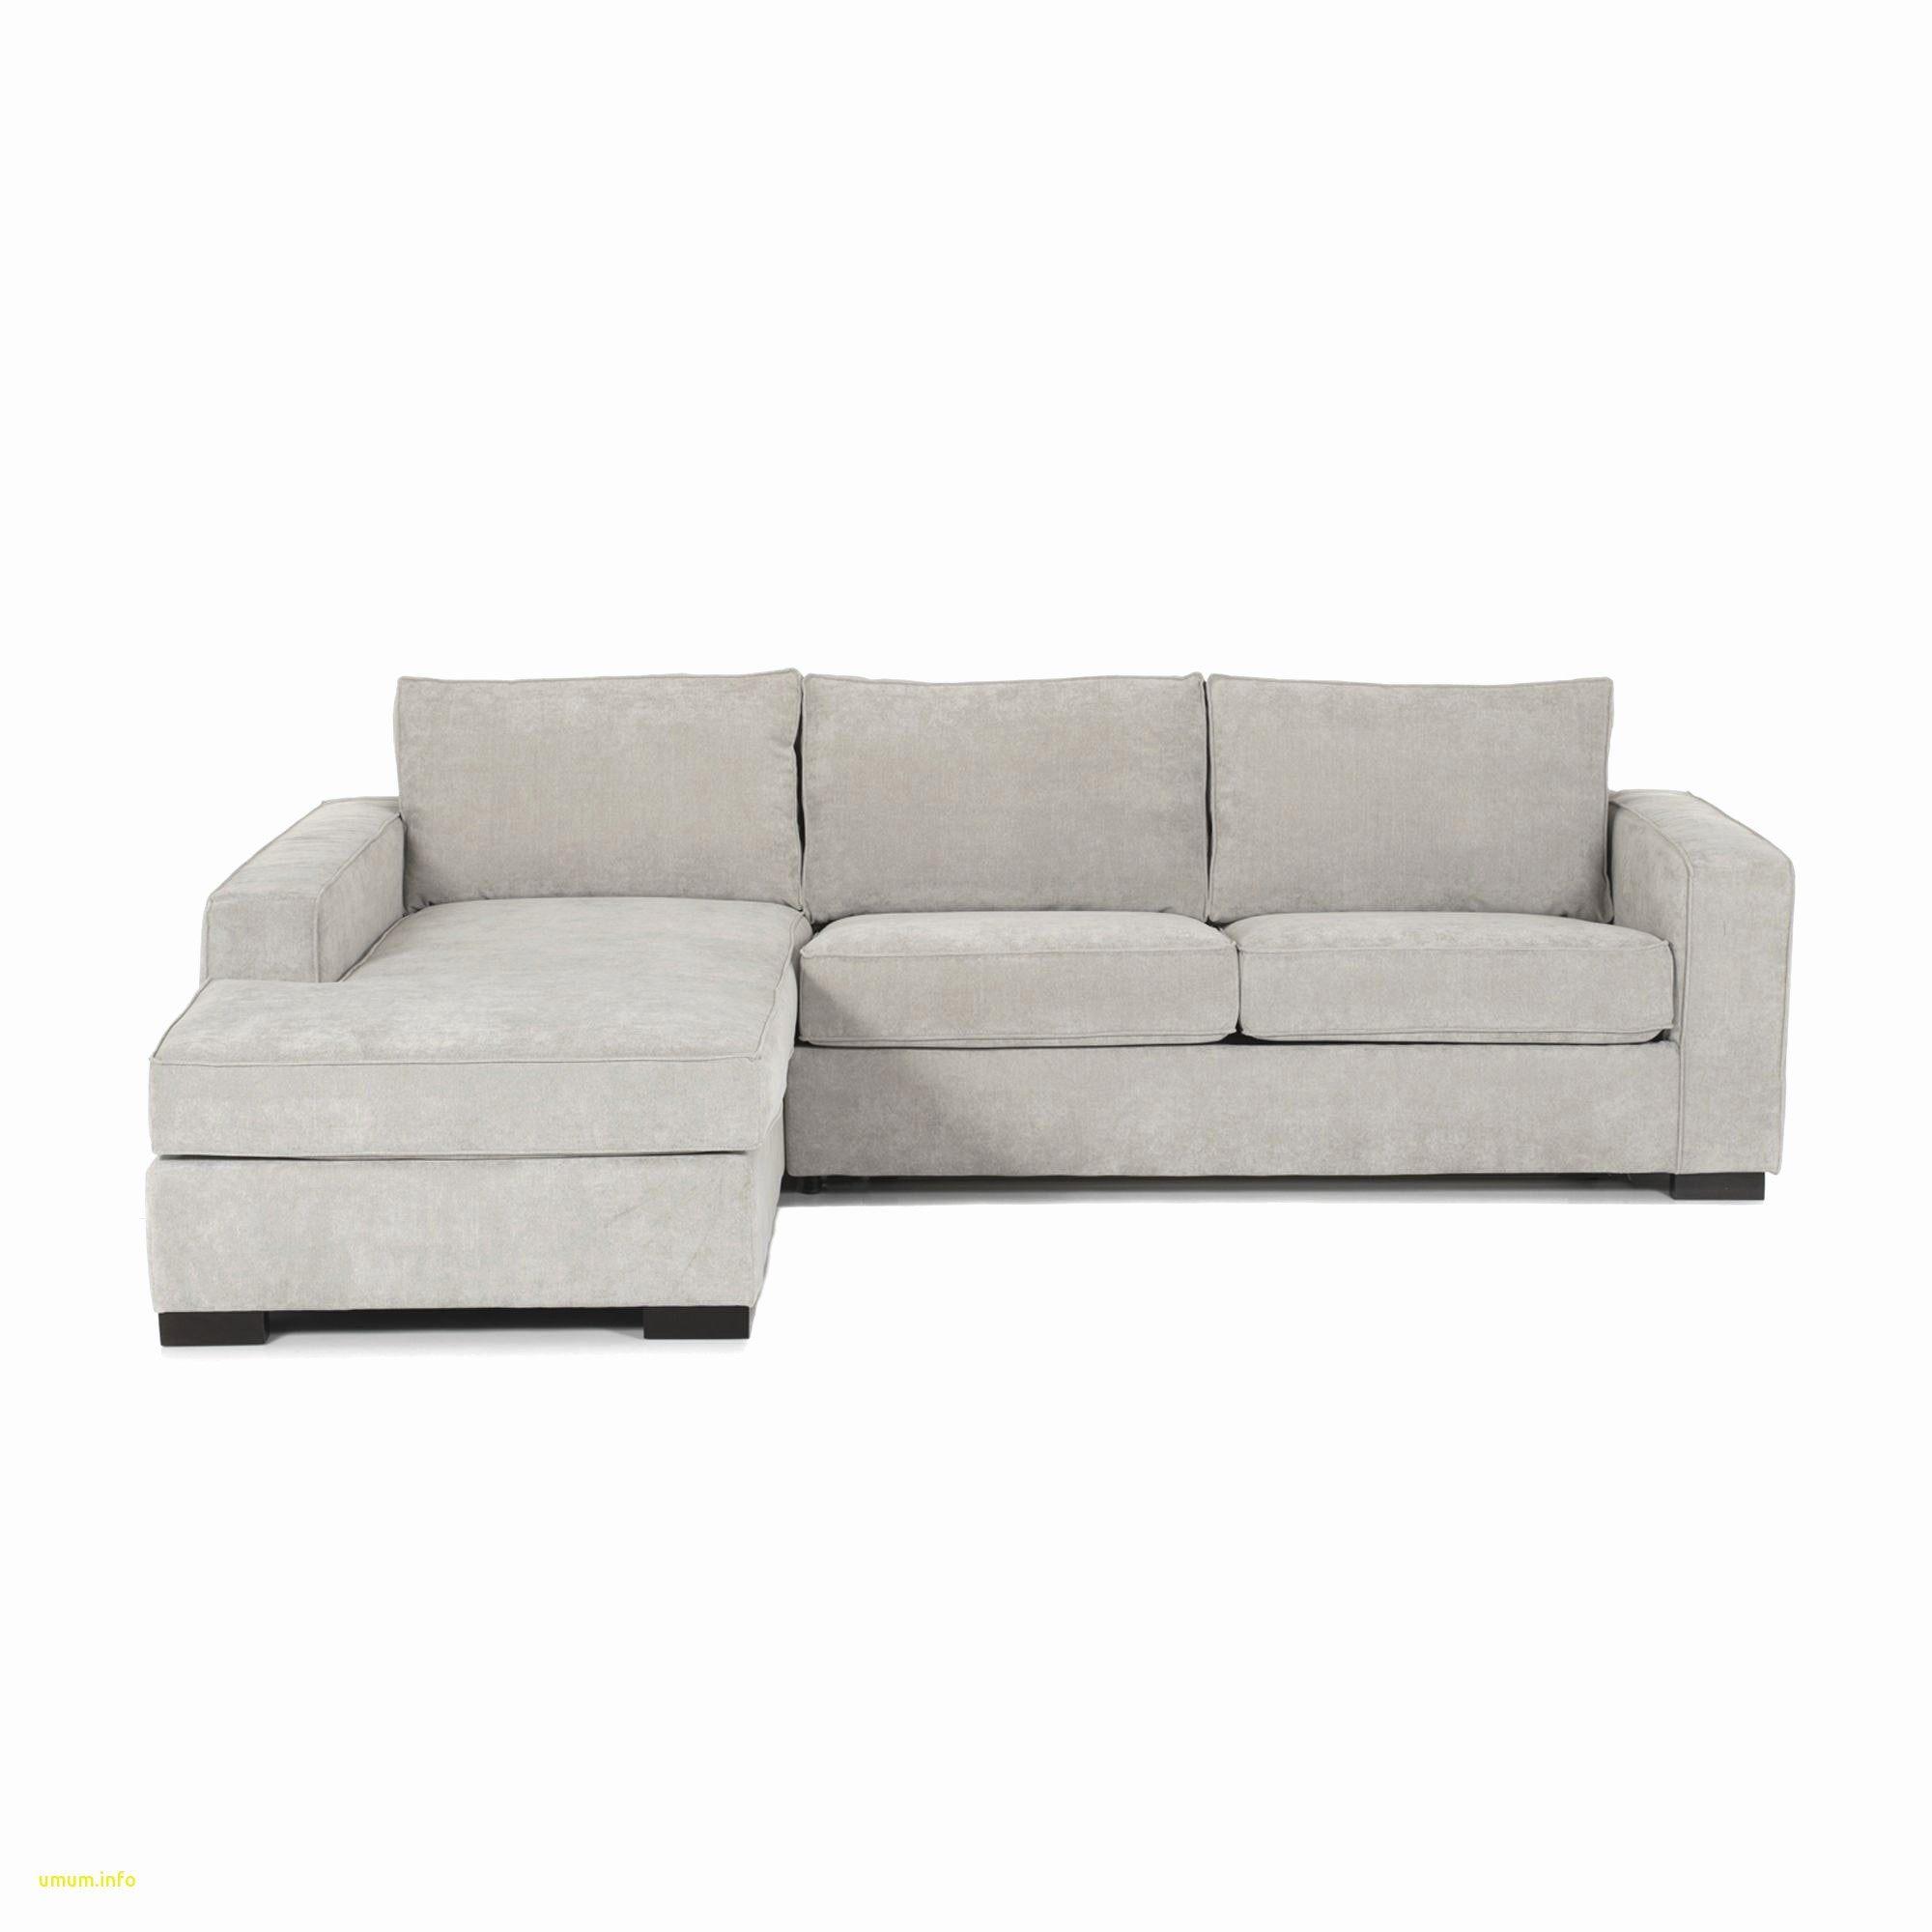 Lit Superposé 3 Places but Génial Entra Nant Lit Superposé Avec Canapé Sur Lit Biné Armoire Fresh Lit